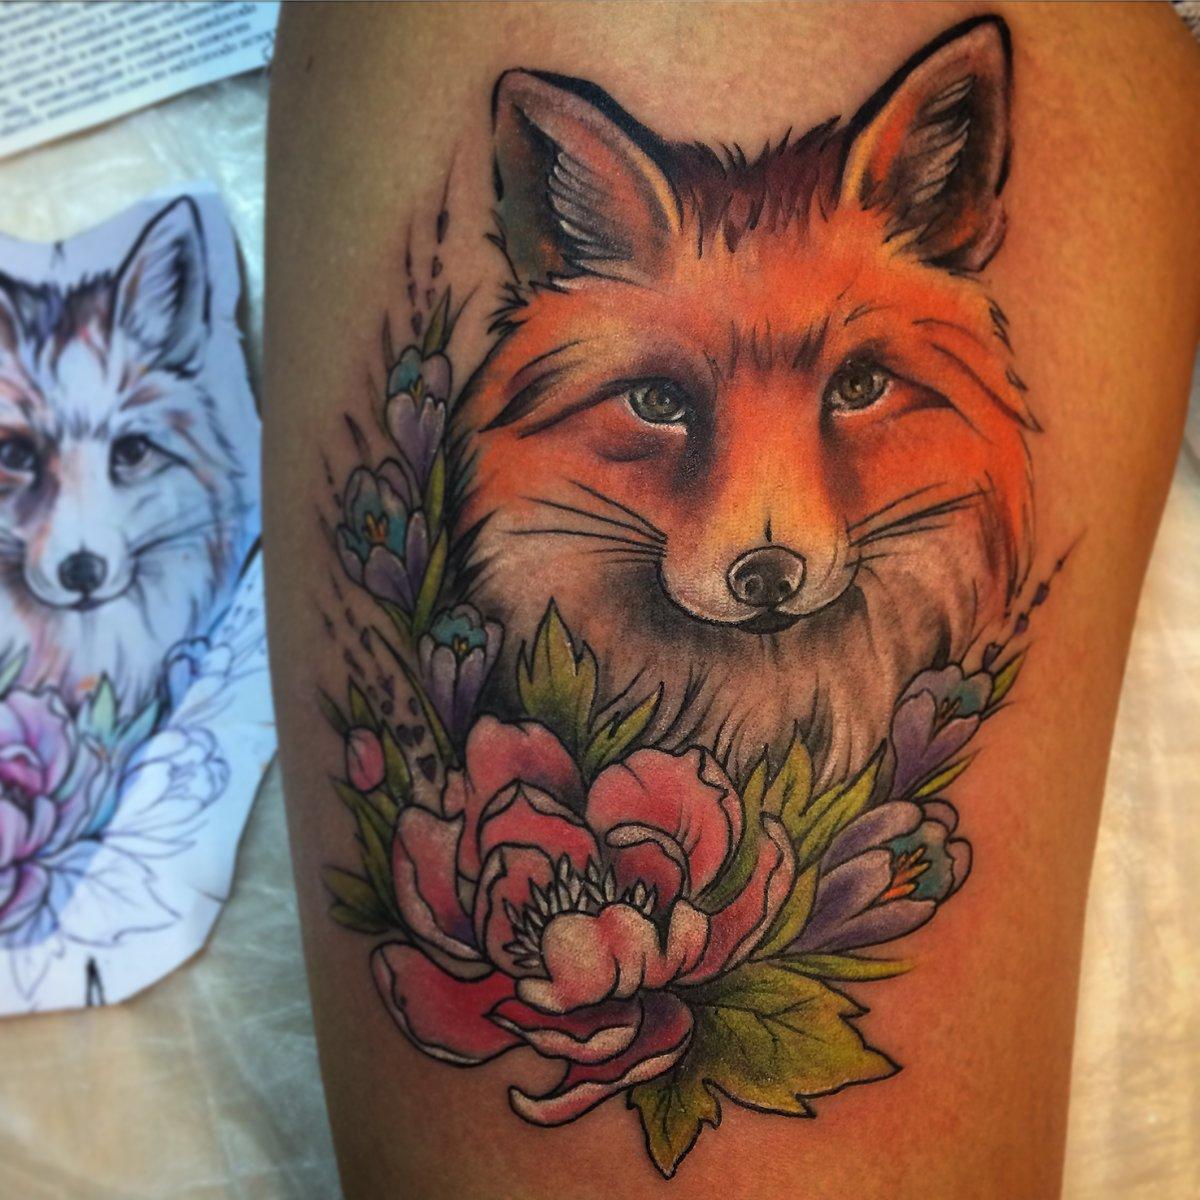 Татуировка лиса. Символика, основное 8